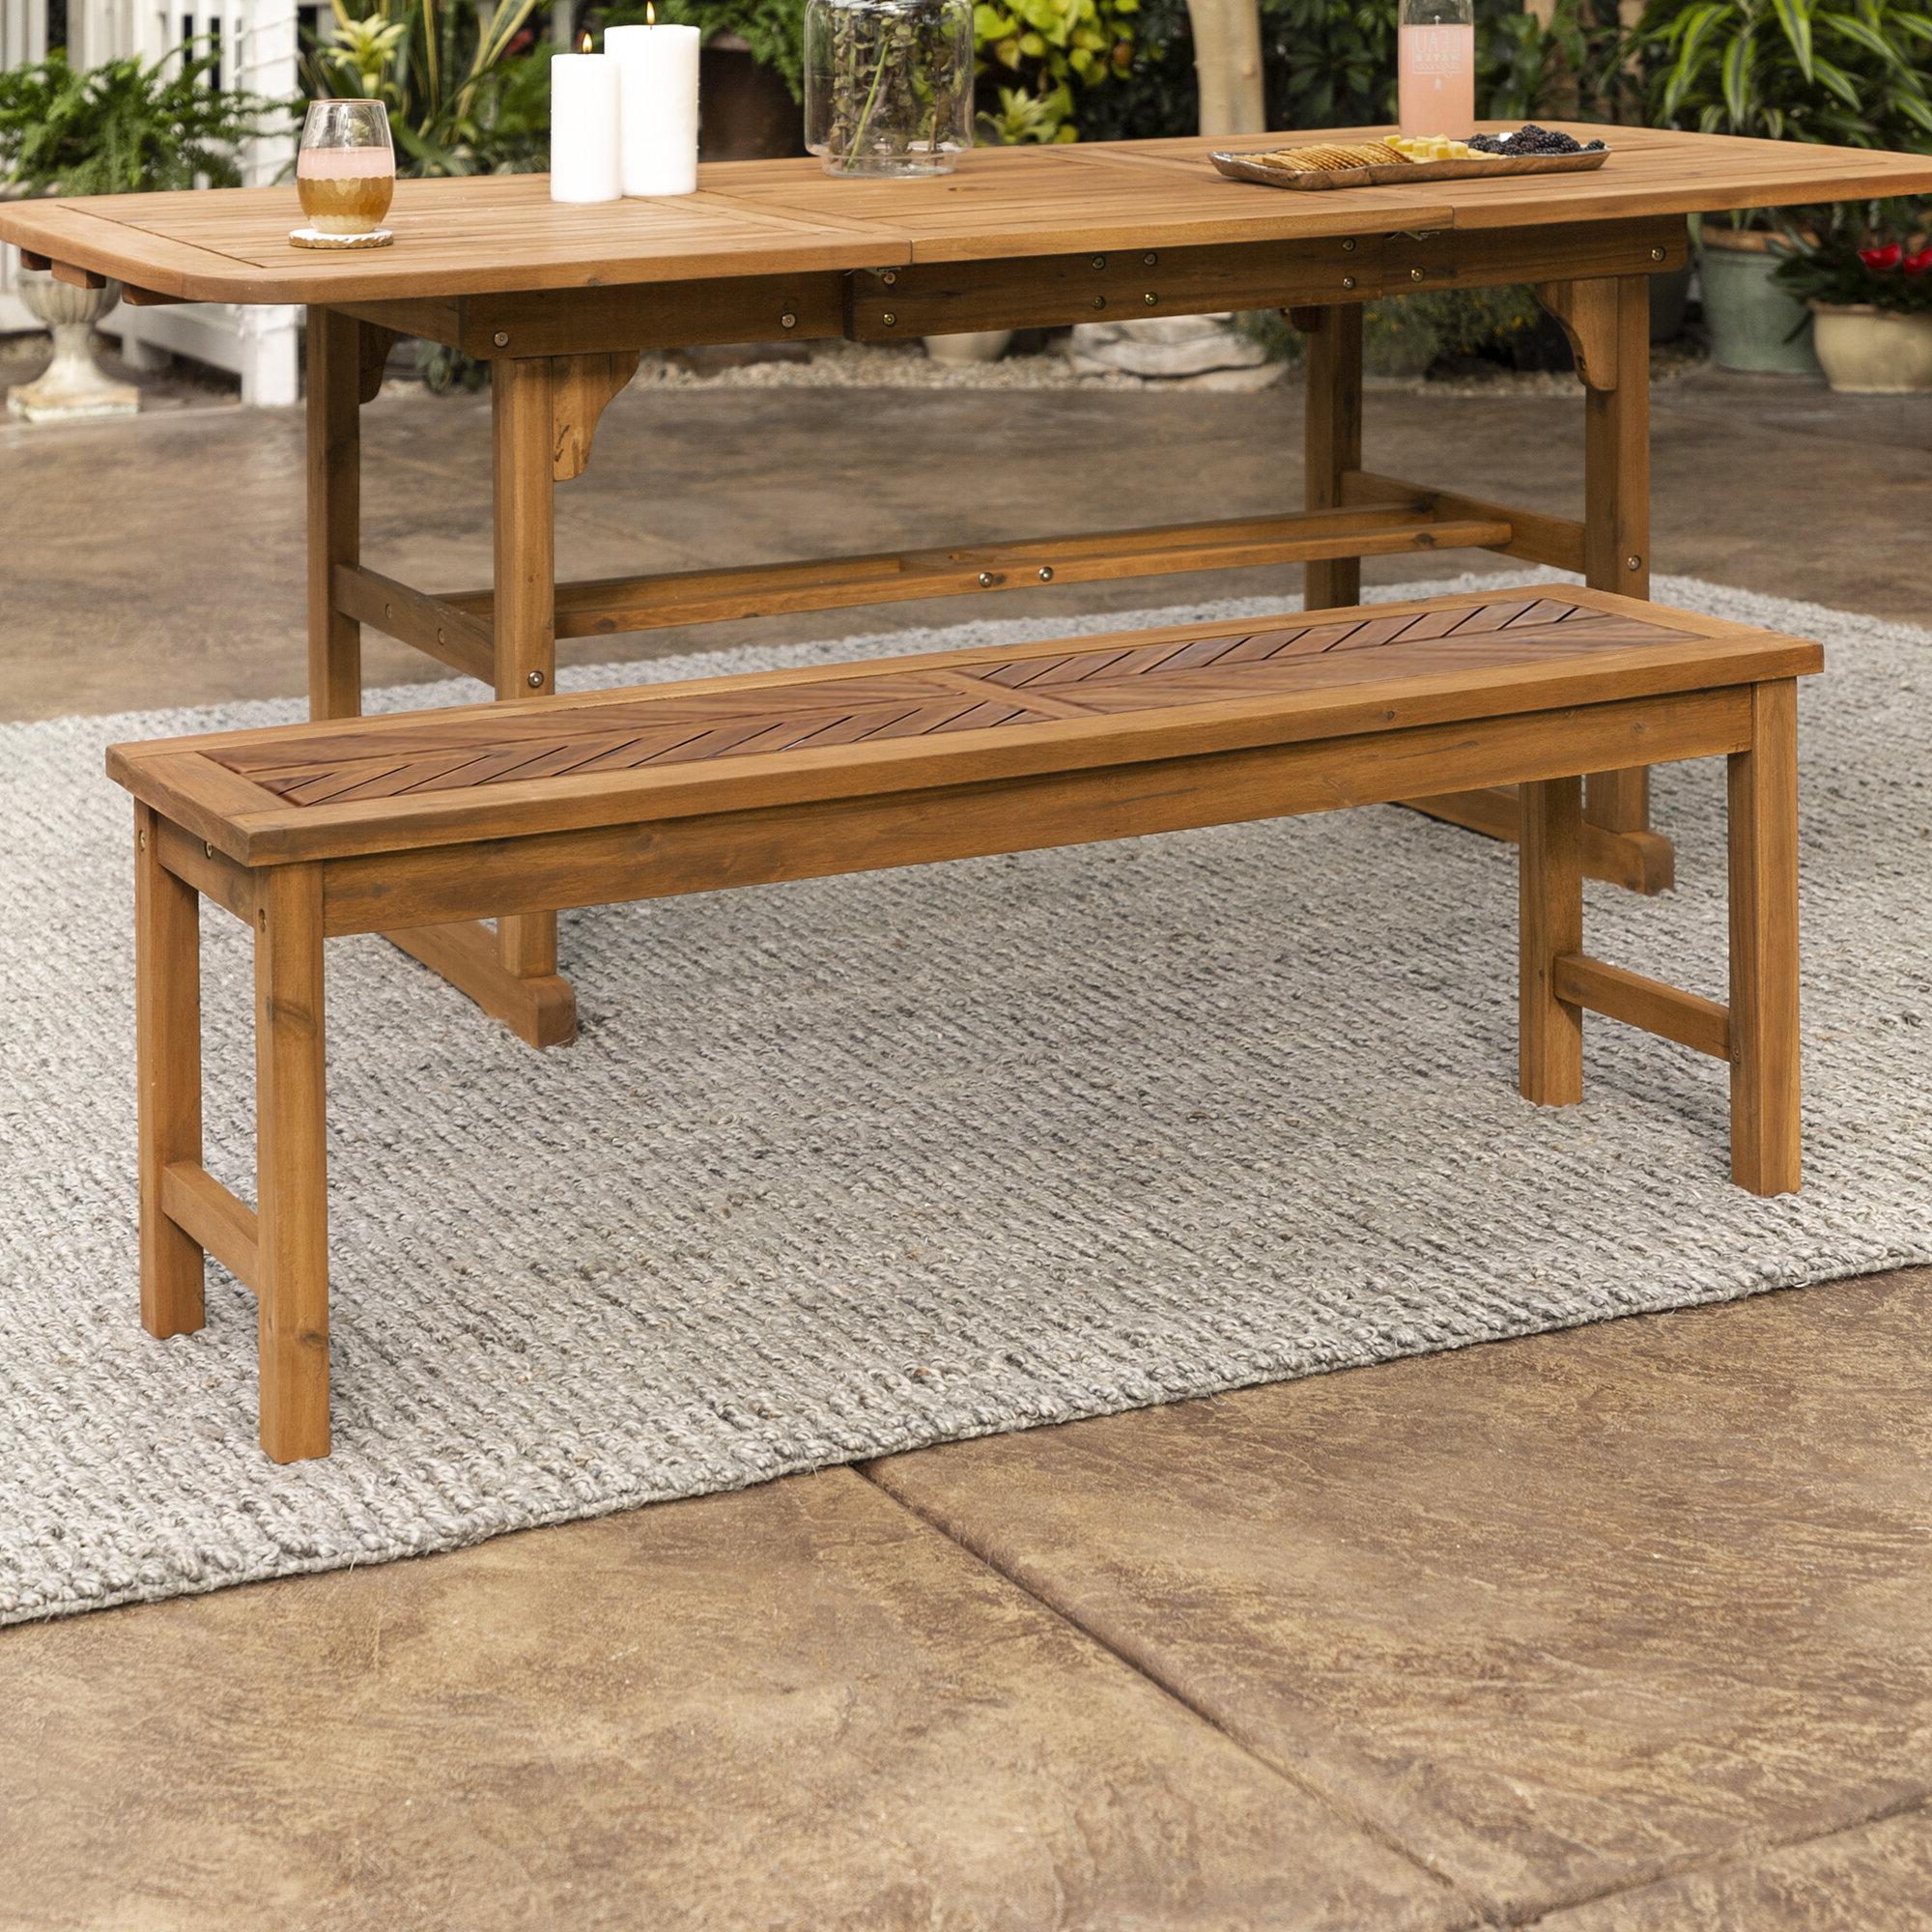 Skoog Chevron Wooden Garden Benches Throughout Favorite Skoog Wooden Picnic Bench (View 6 of 30)